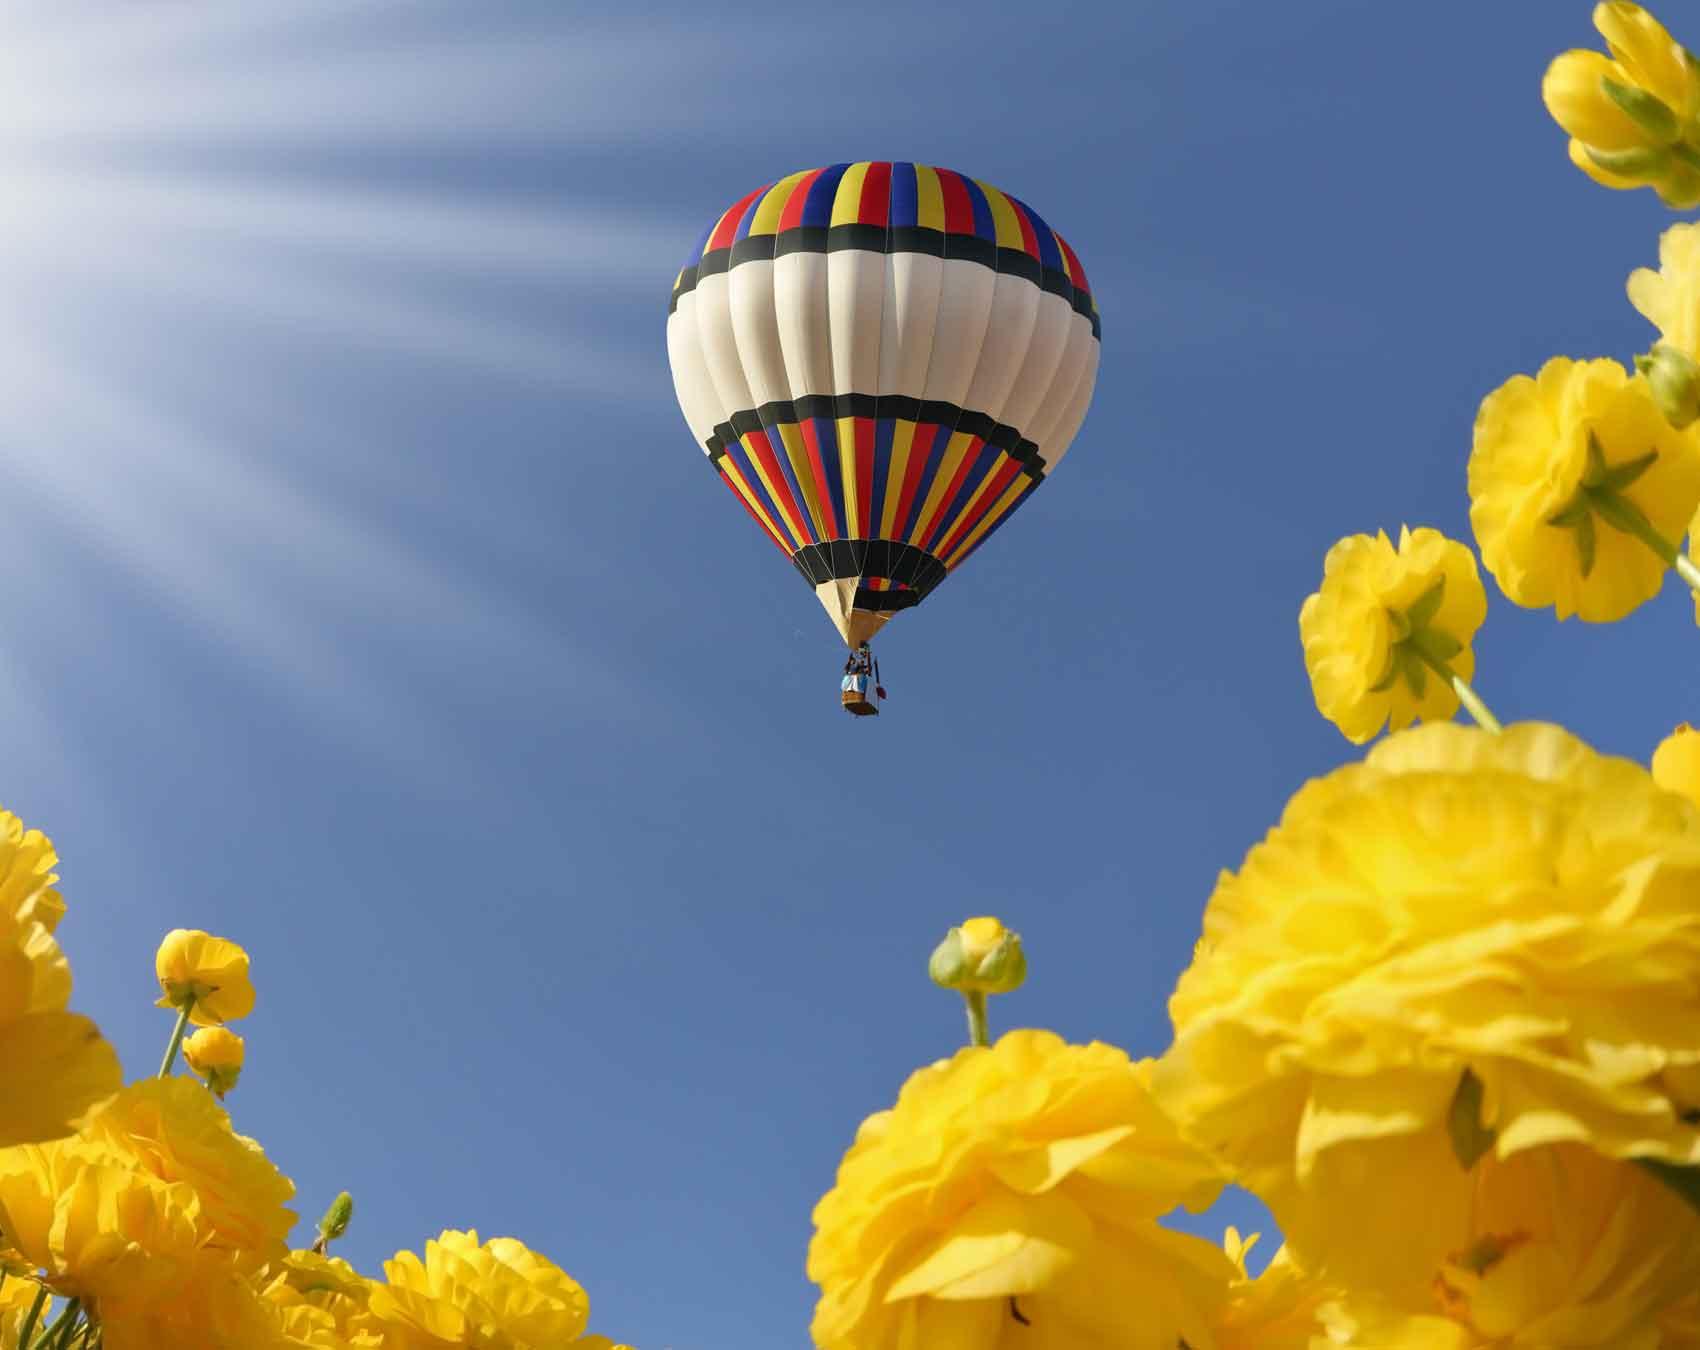 Paseo en globo valencia vuelo en globo sobre mallorca - Paseo en globo valencia ...